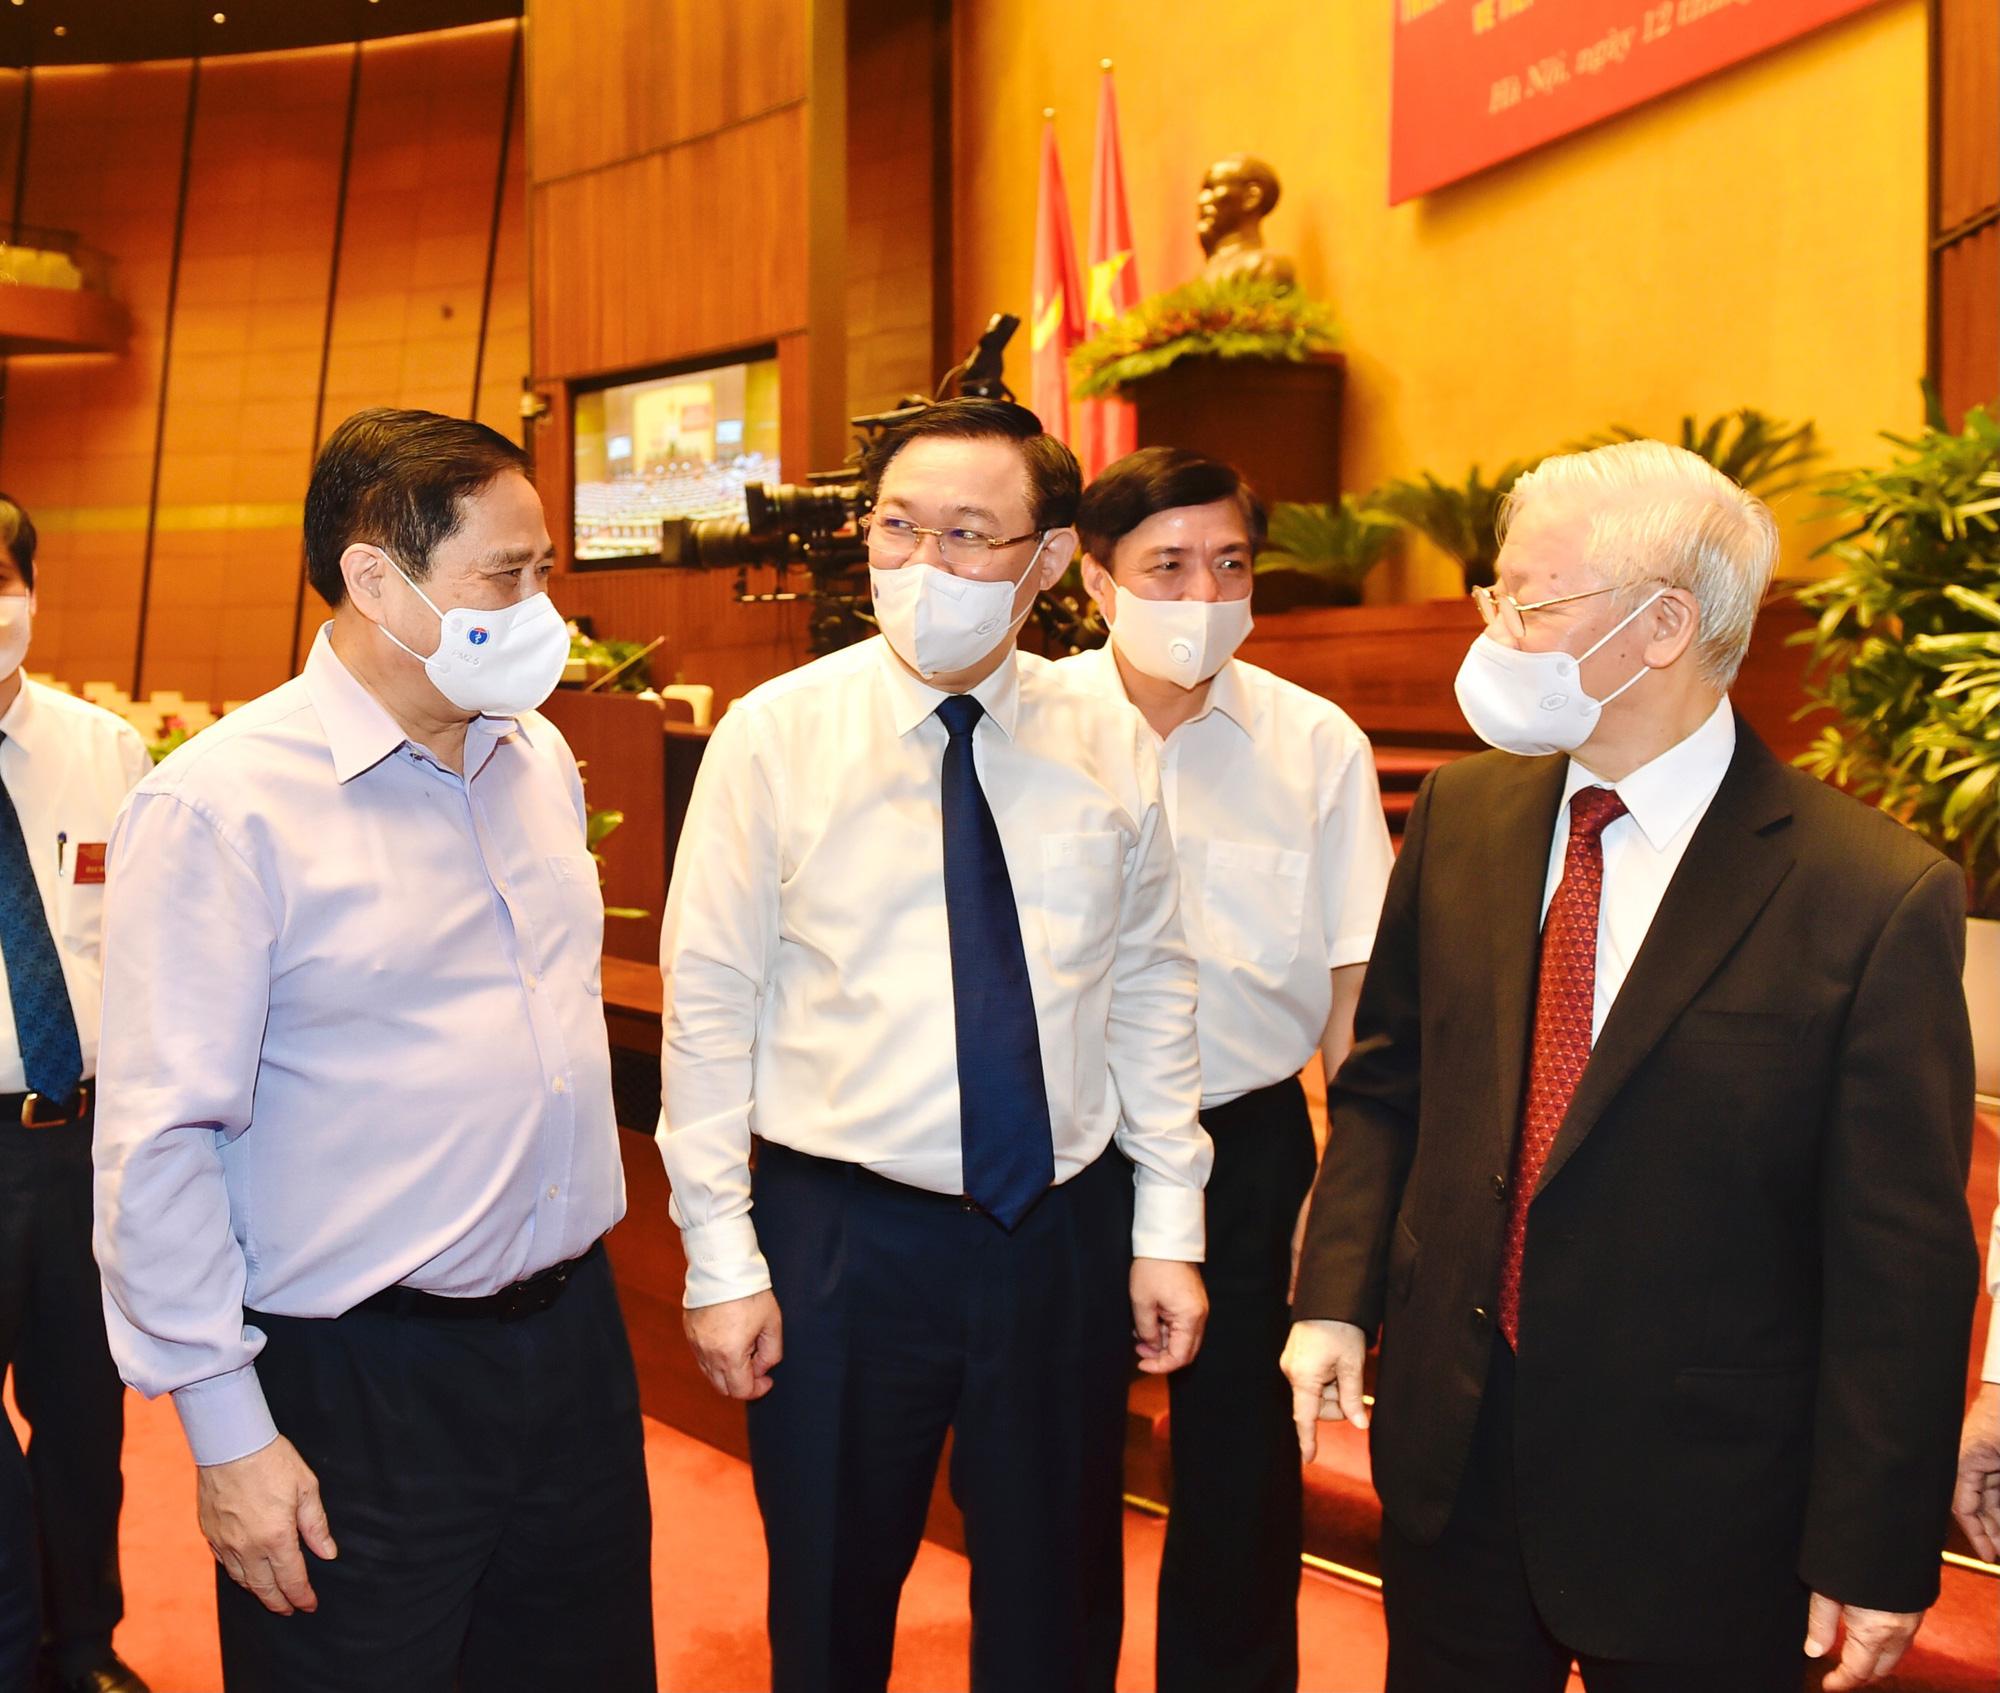 Tư tưởng, đạo đức, phong cách của Chủ tịch Hồ Chí Minh phải thực sự thấm sâu vào đời sống xã hội - Ảnh 2.